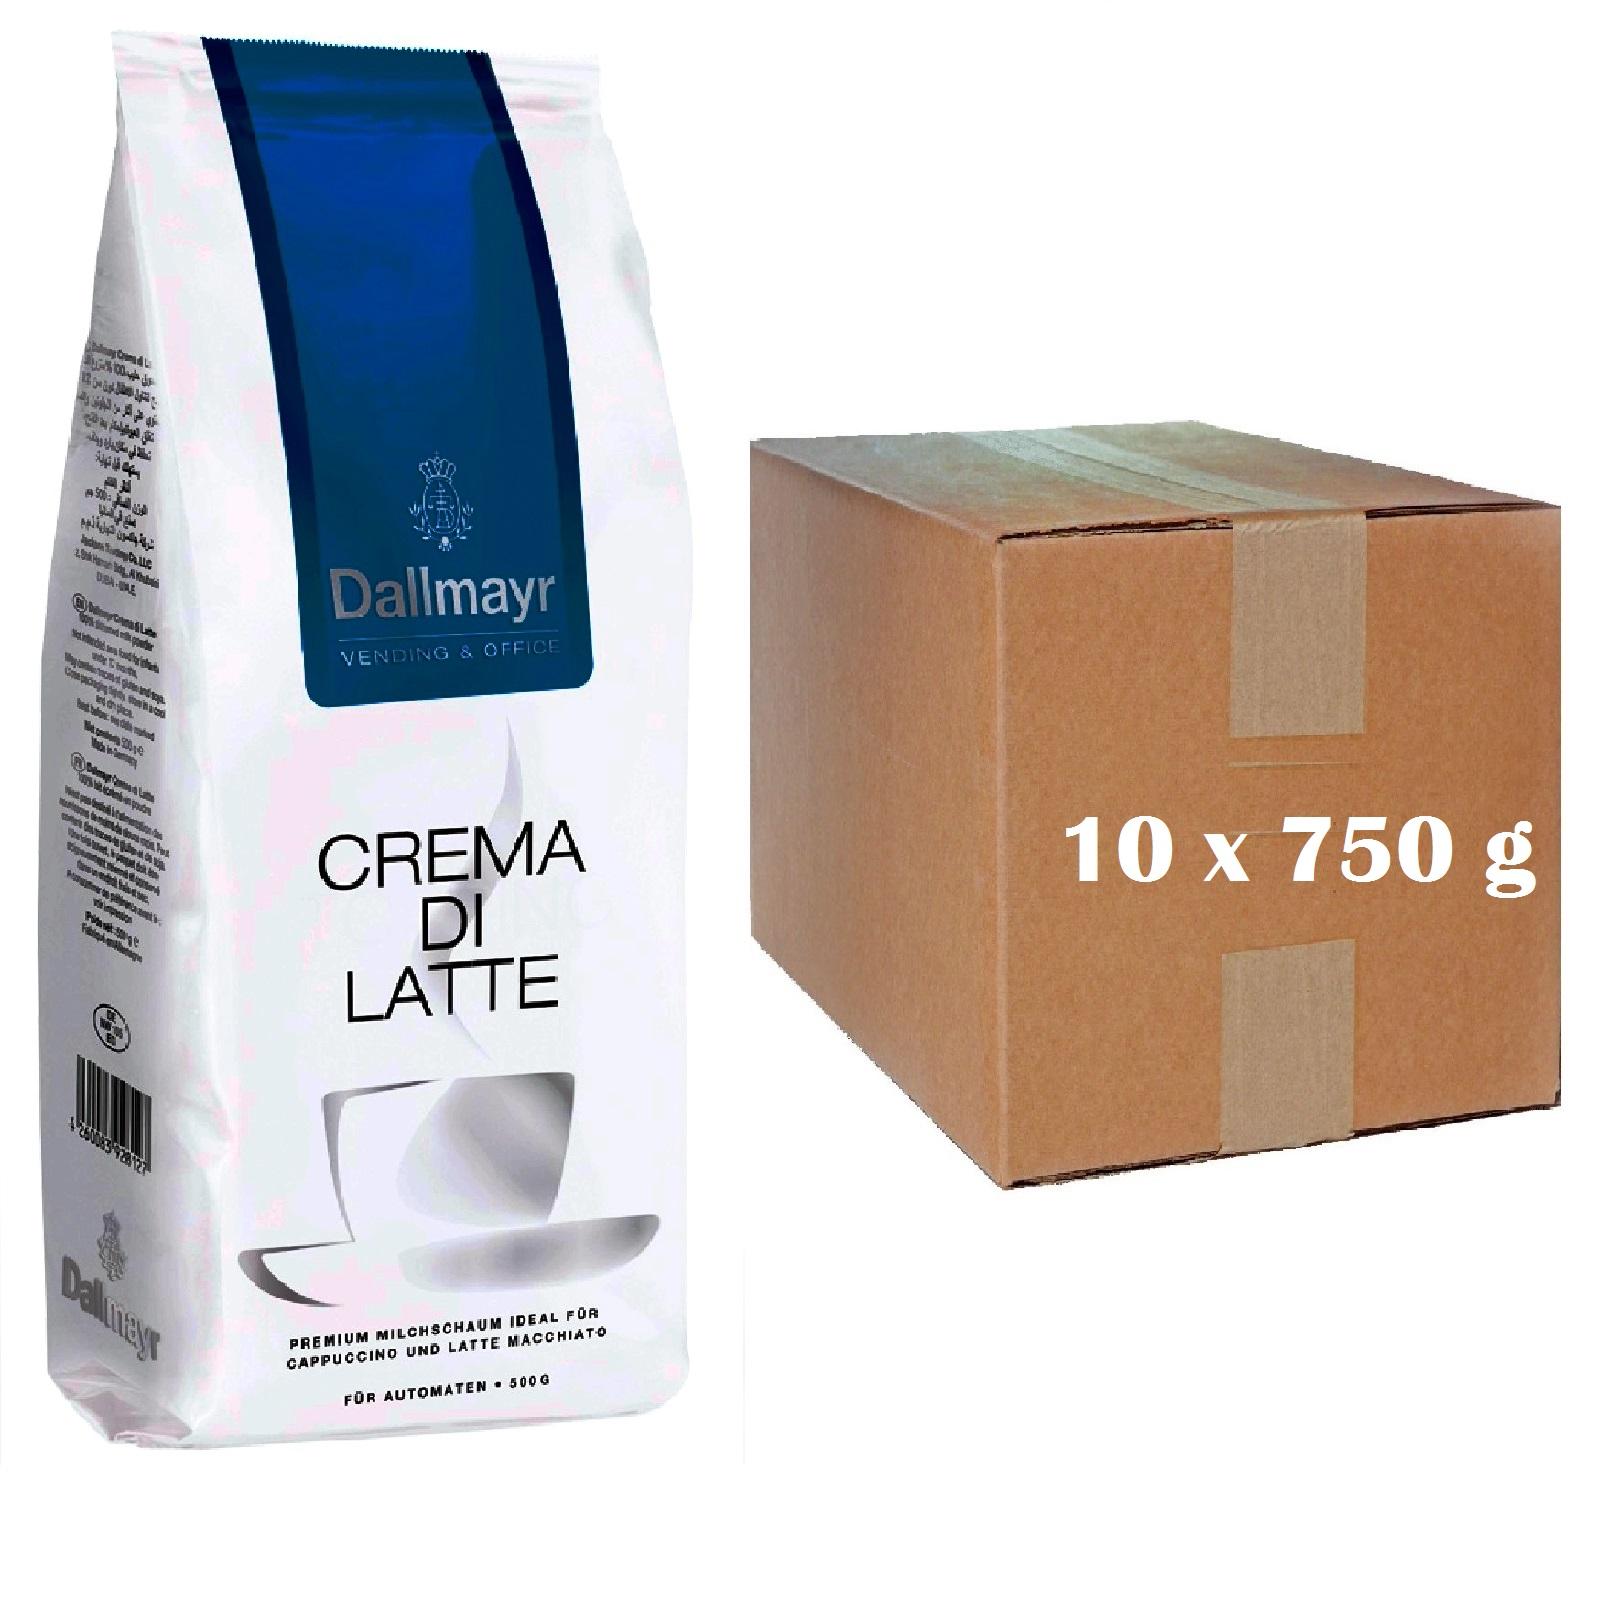 Dallmayr Crema di Latte Topping Milchpulver 10 x 750g